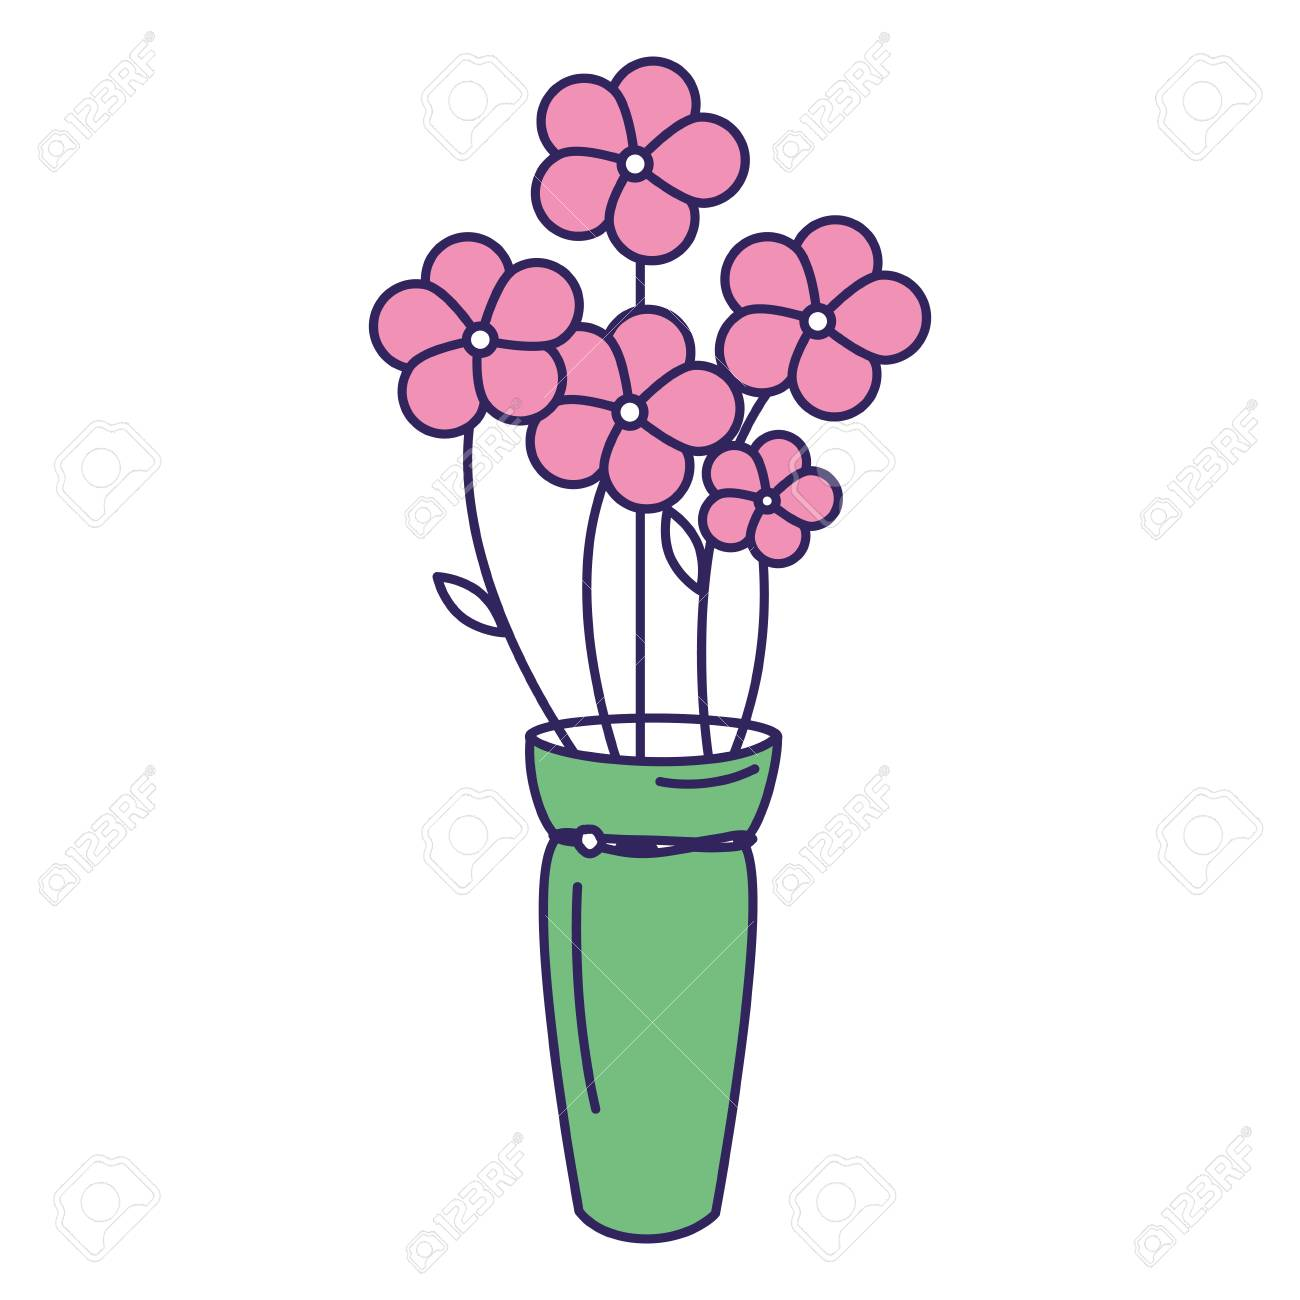 花ベクトル イラスト デザインのかわいい花束のイラスト素材ベクタ